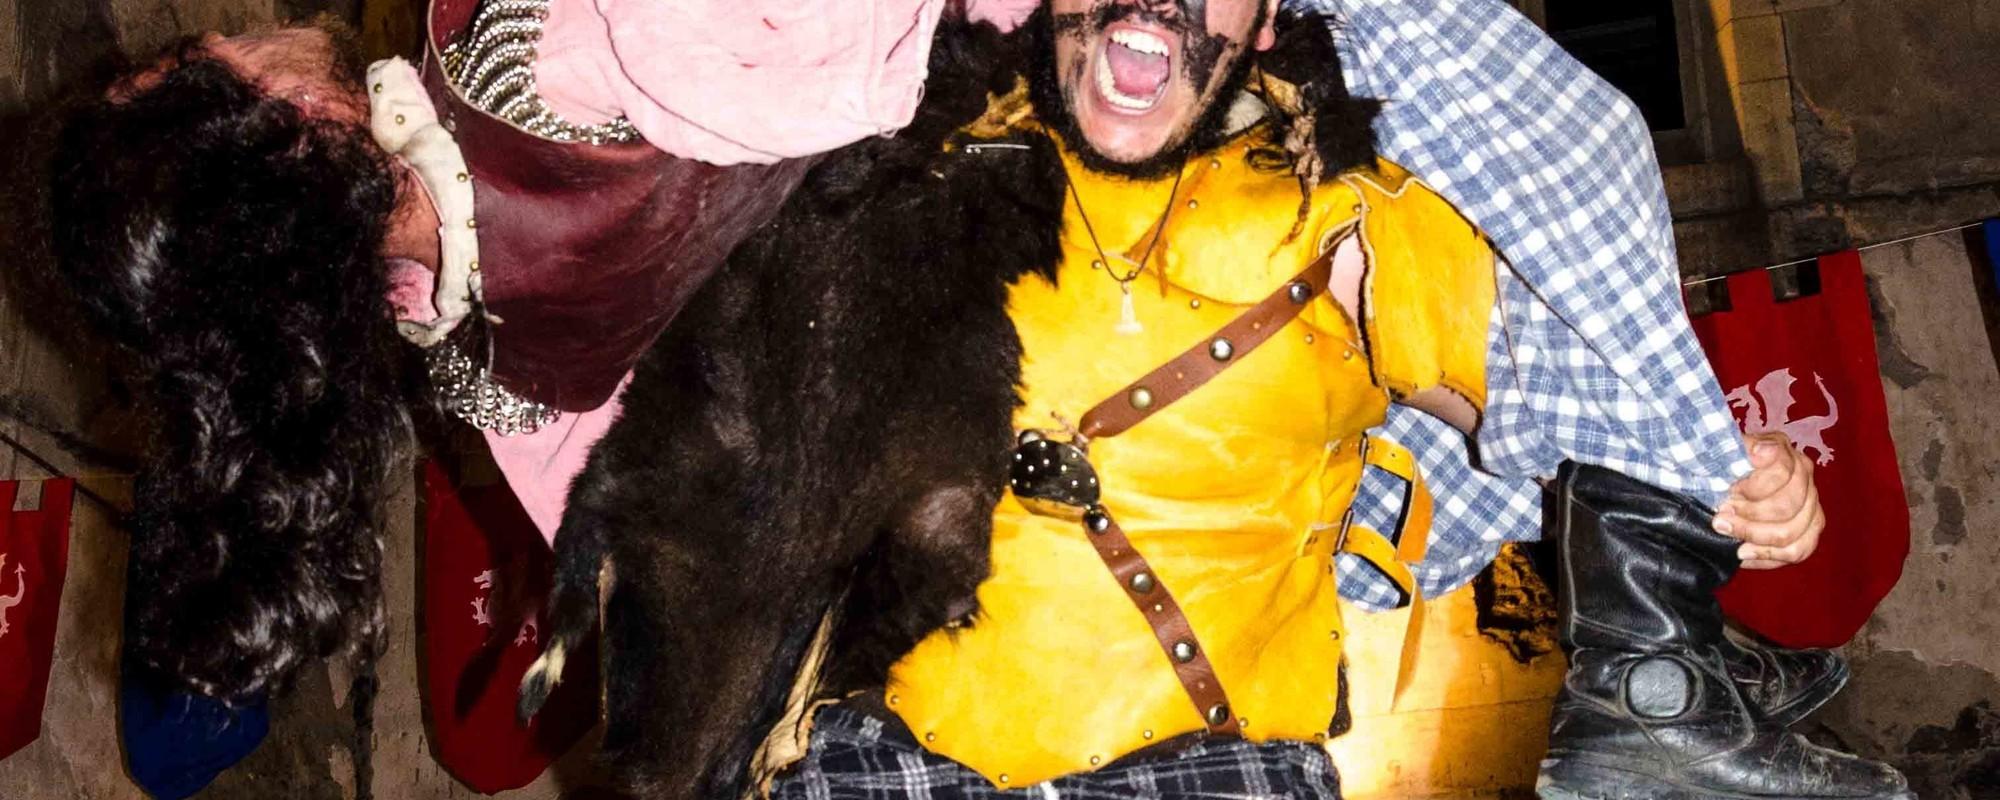 Fotos de un festival medieval en el DF